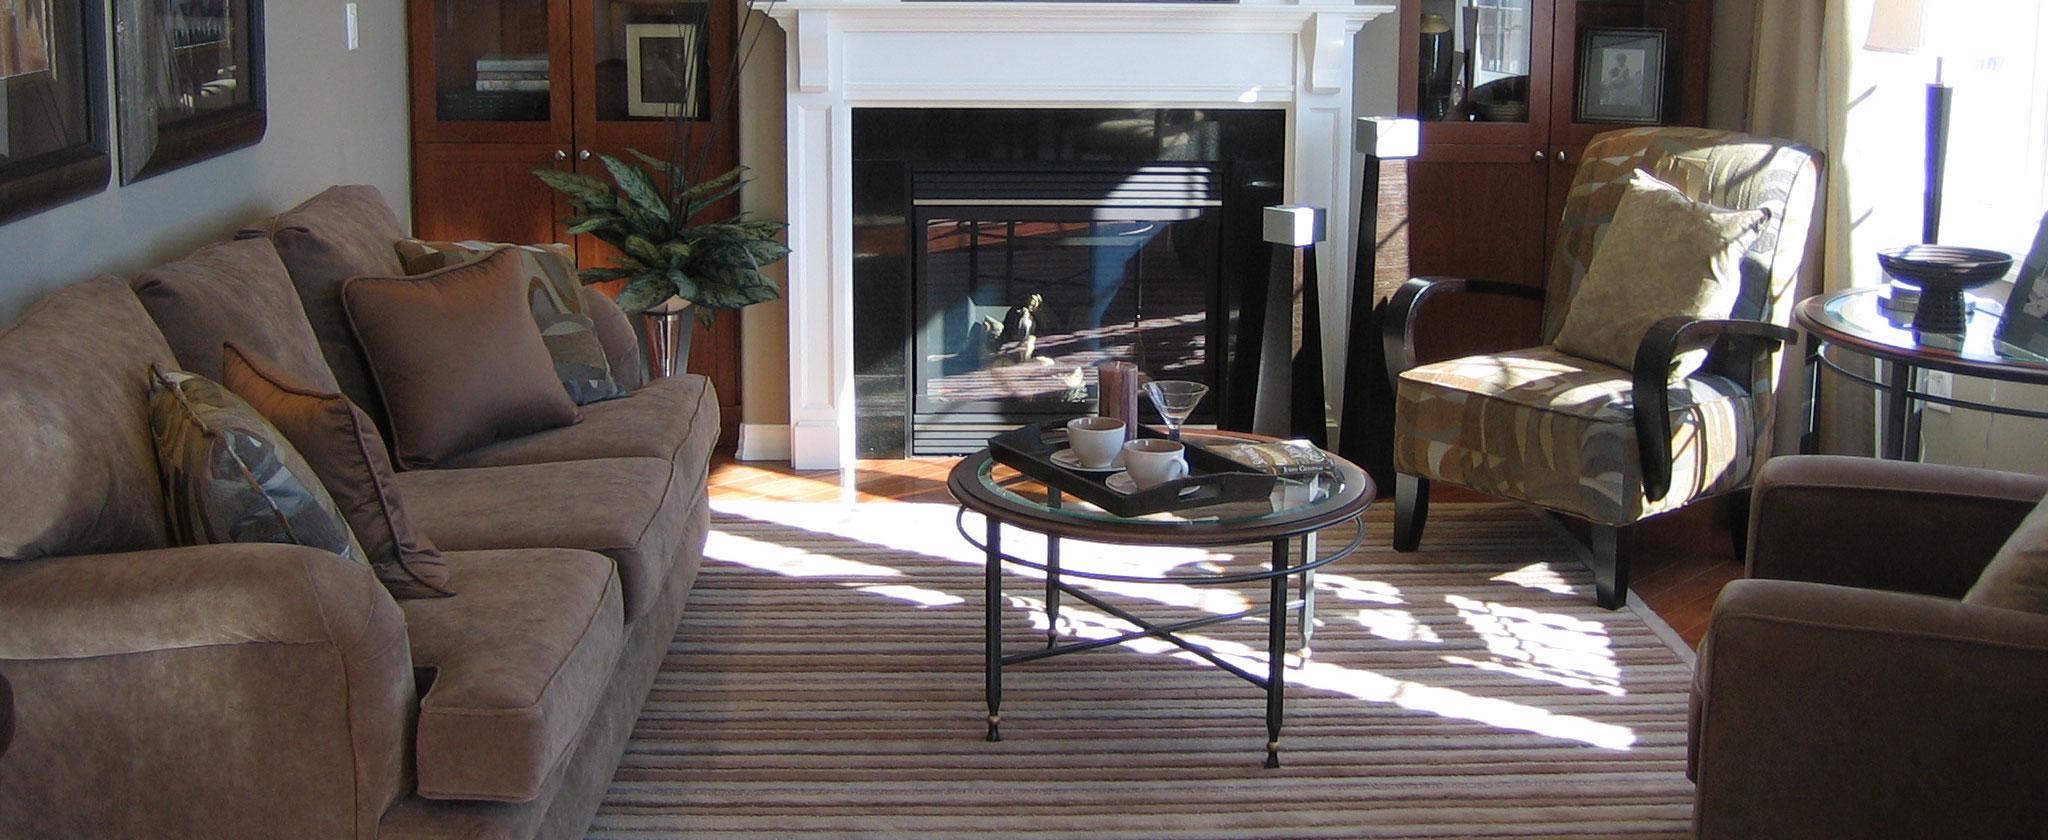 Rengøring af stuen – Tips til en mere ren og pæn stue